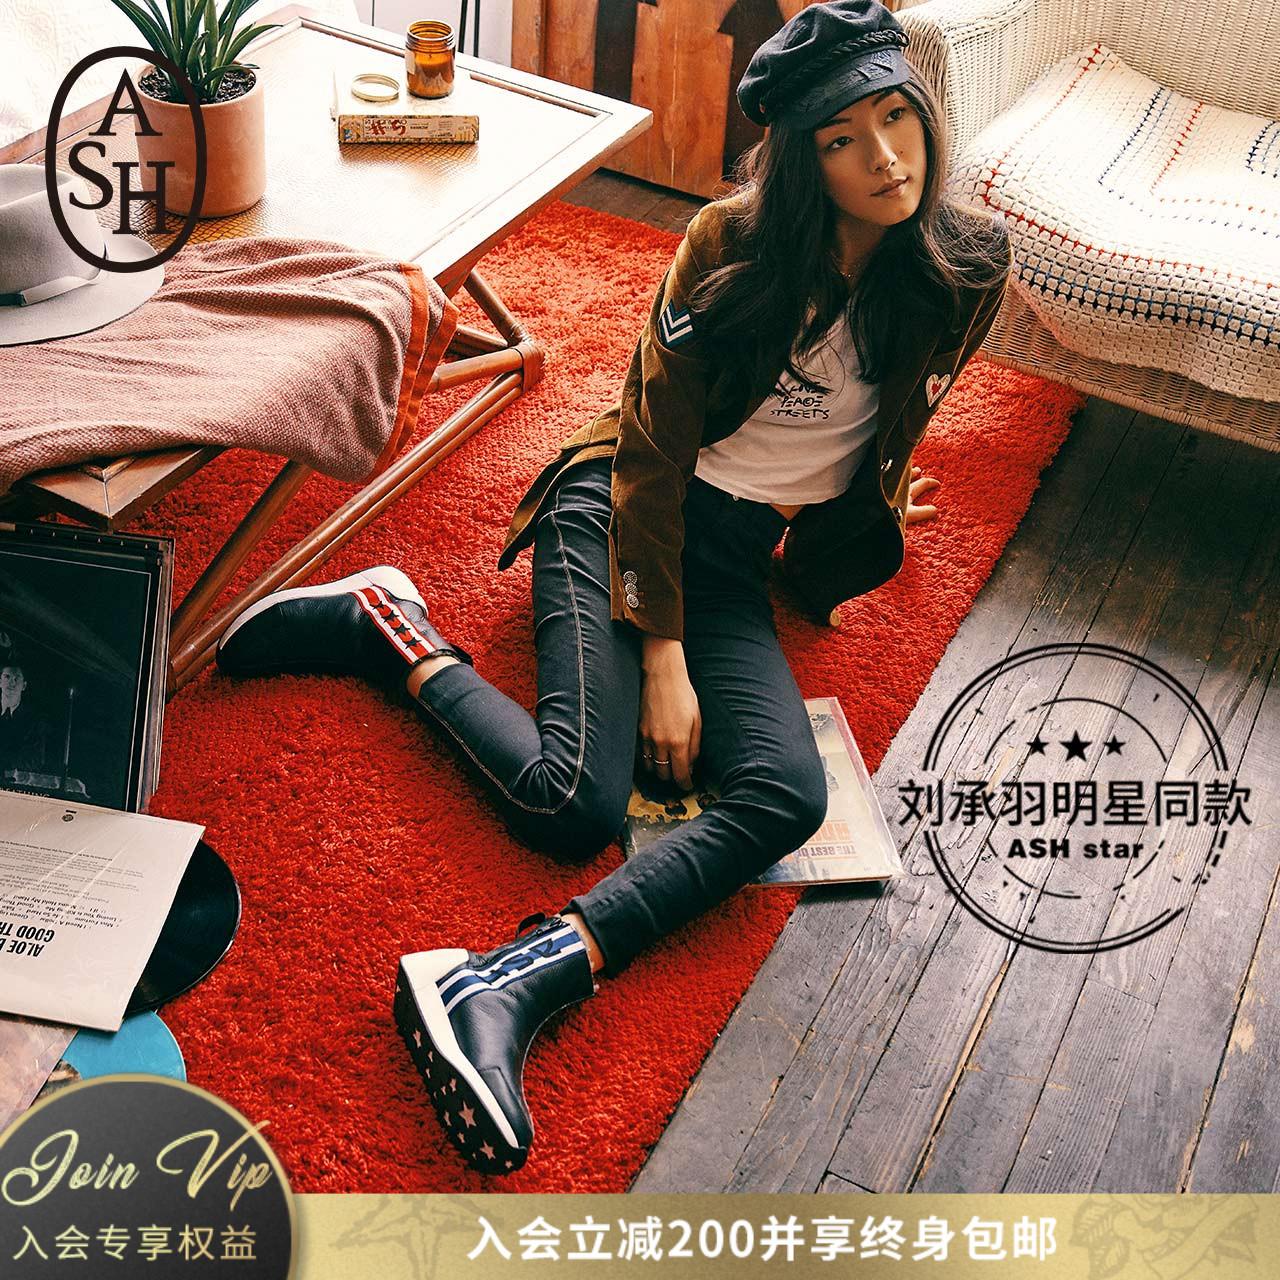 ASH女鞋2018秋冬新款JICKY系列马卡龙色带星星元素运动雪地靴